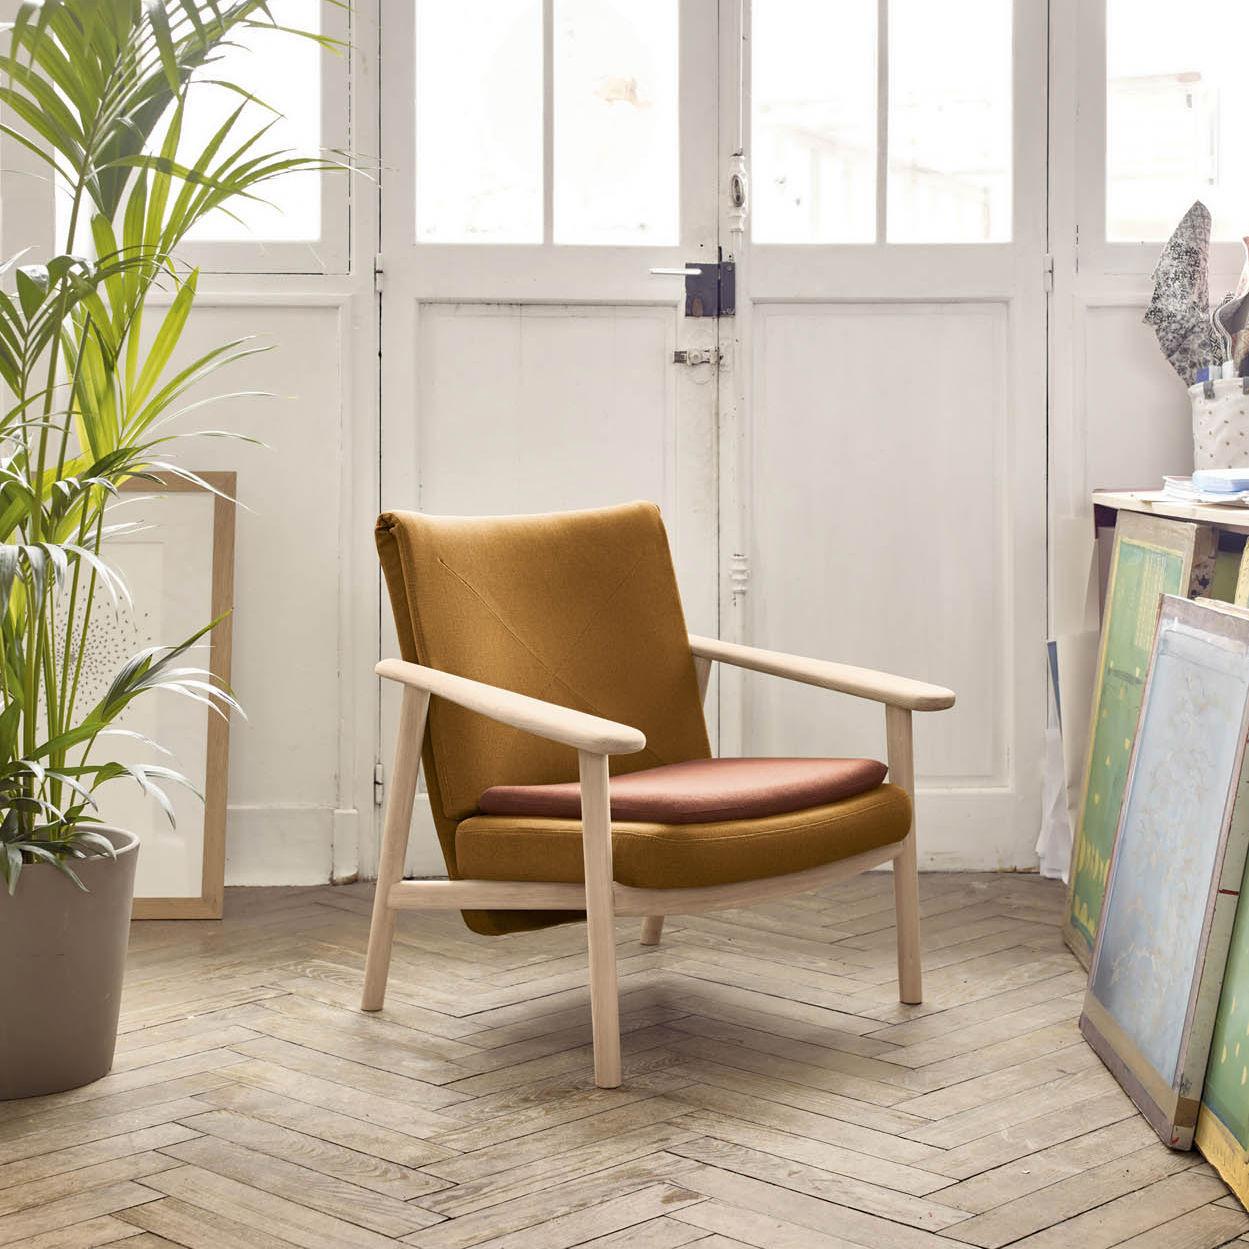 Superbe Scandinavian Style Armchair / Fabric / Oak / Walnut   PALETA By Samuel  Accoceberry